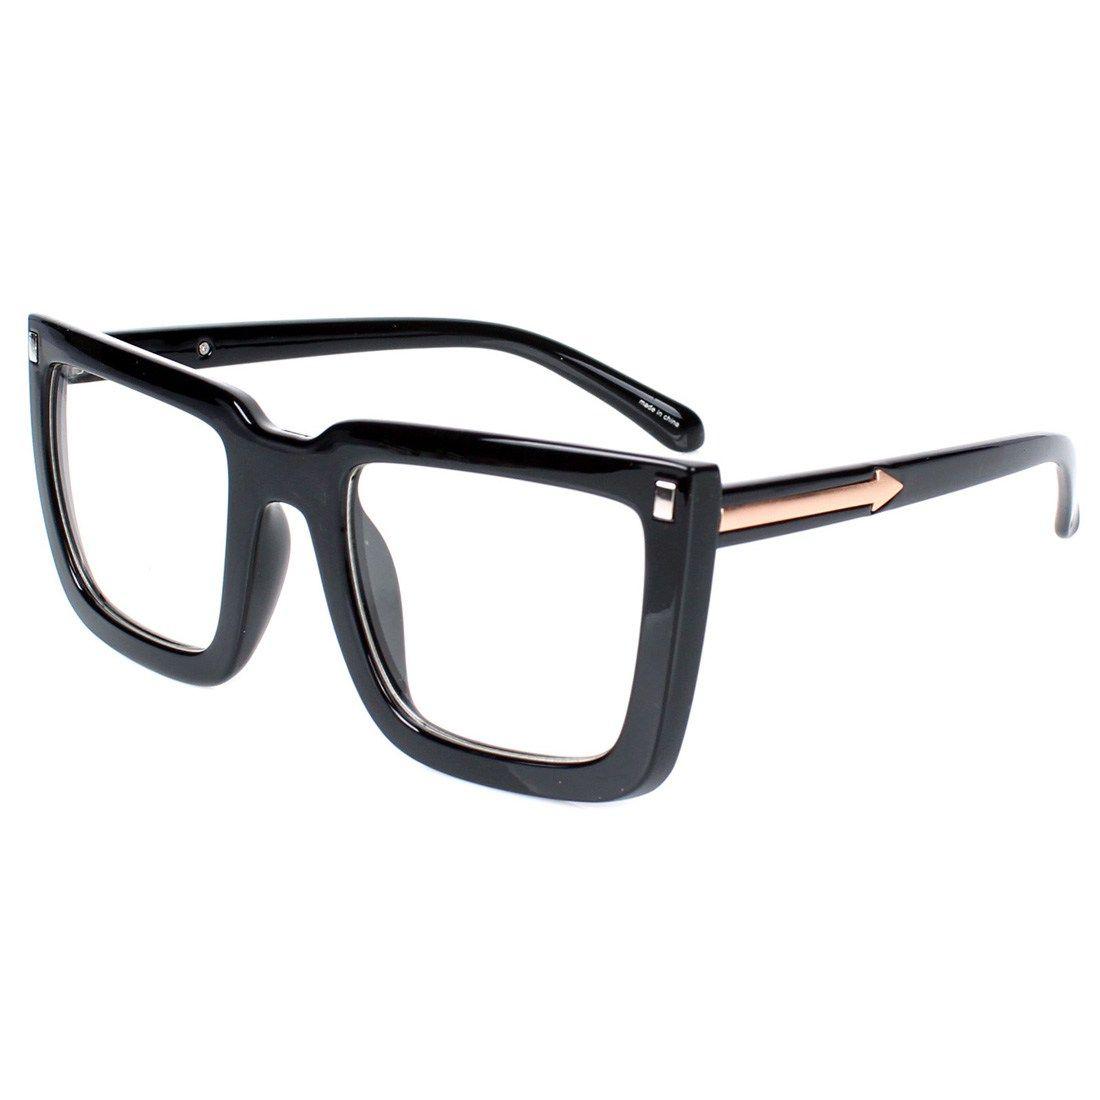 Encacc big square nerdy thick plastic frame clear lens eye glasses encacc big square nerdy thick plastic frame clear lens eye glasses for fashion no prescription frames jeuxipadfo Images